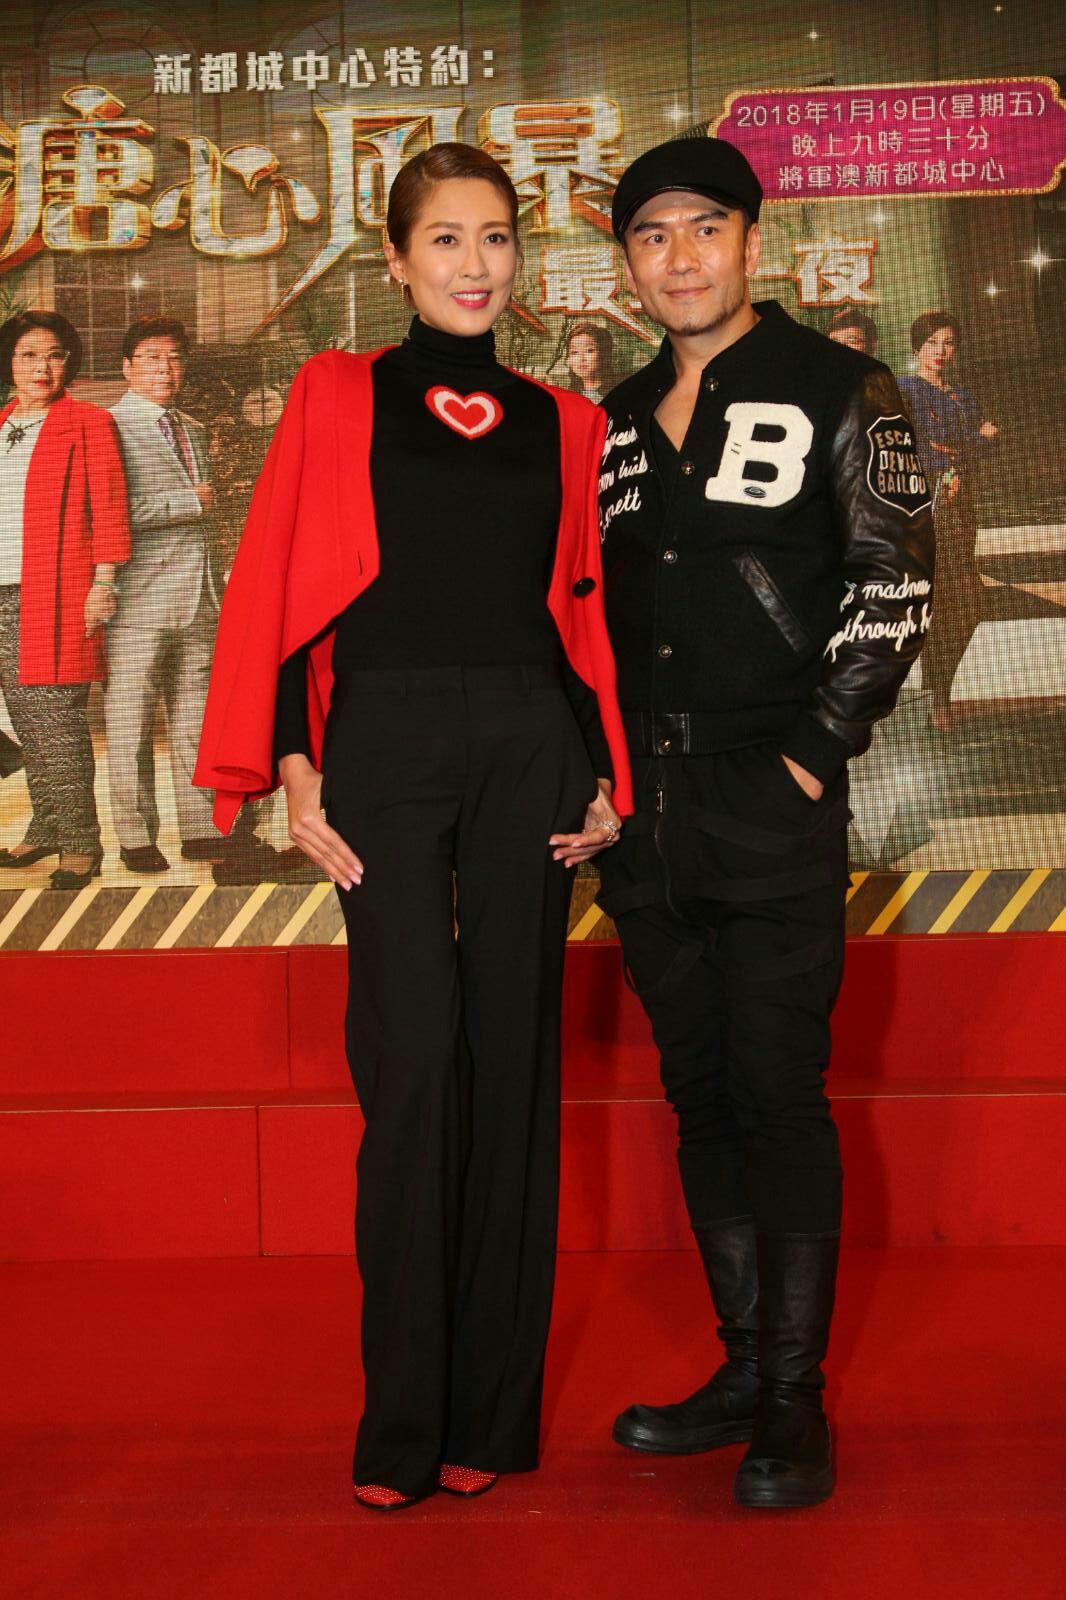 唐文龍和陳敏之在劇中感情線掀起熱話。